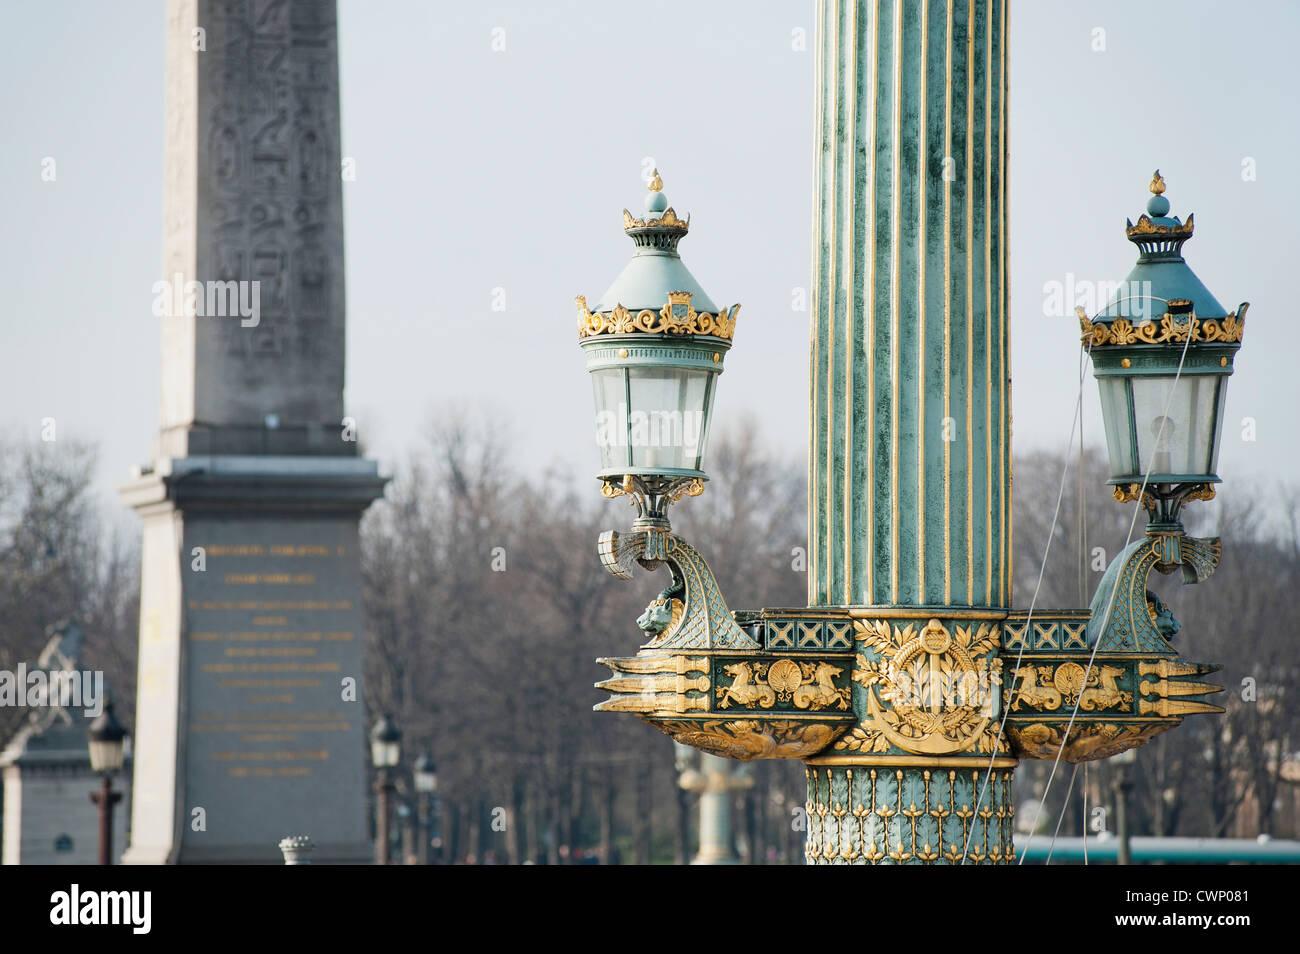 Reich verzierte Laternenpfahl in Place De La Condorde, Paris, Frankreich Stockbild